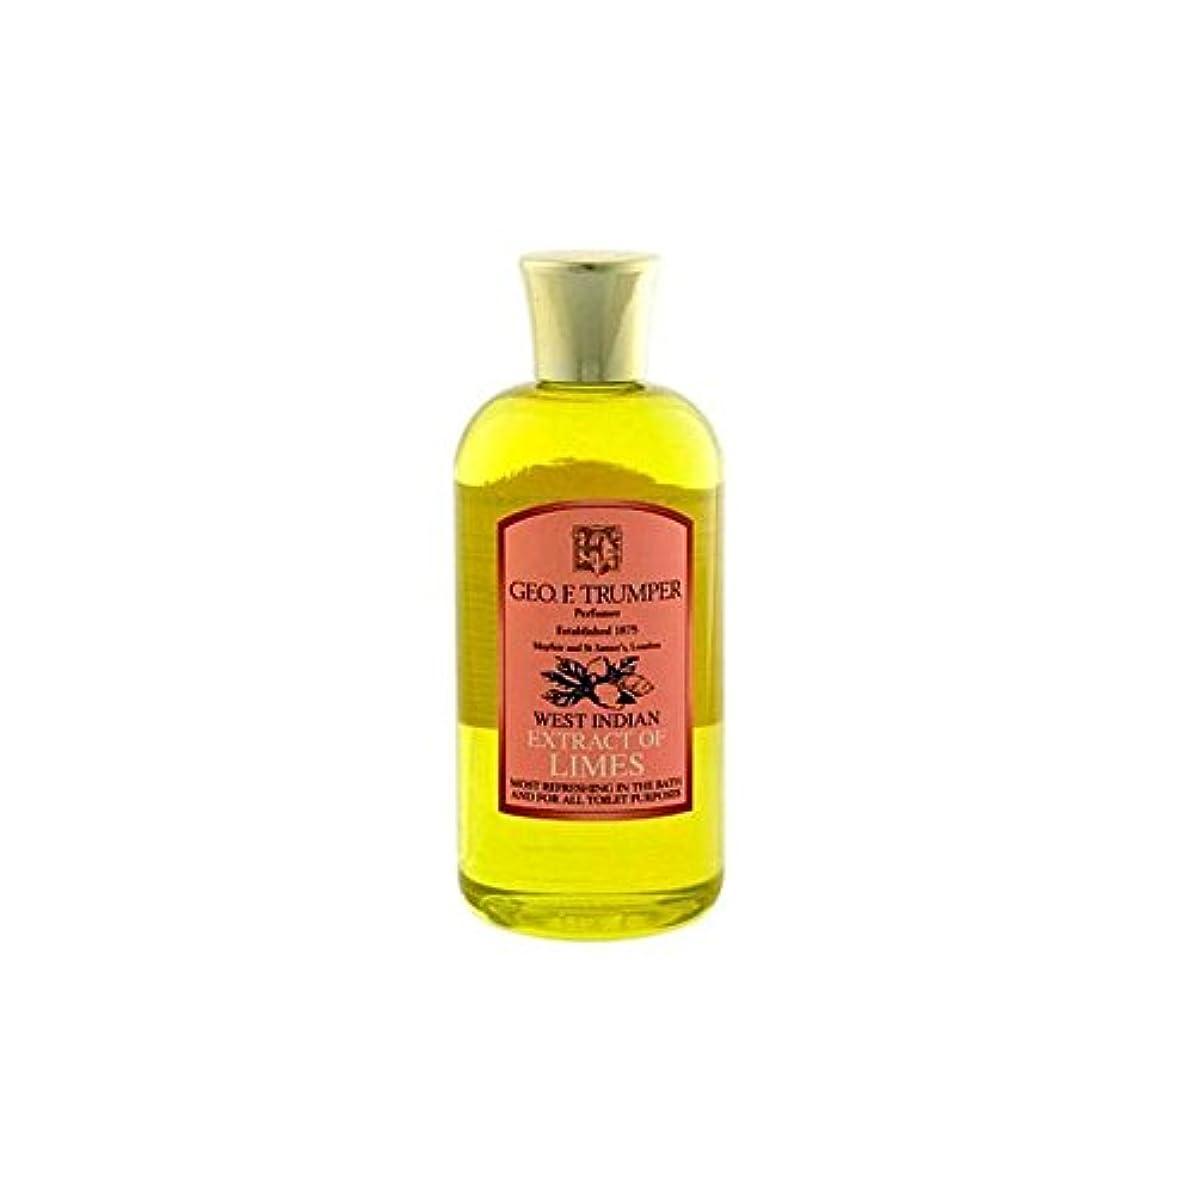 寝具純正倍率ライムのバスタブとシャワージェル200の抽出物を x2 - Trumpers Extracts of Limes Bath and Shower Gel 200ml (Pack of 2) [並行輸入品]